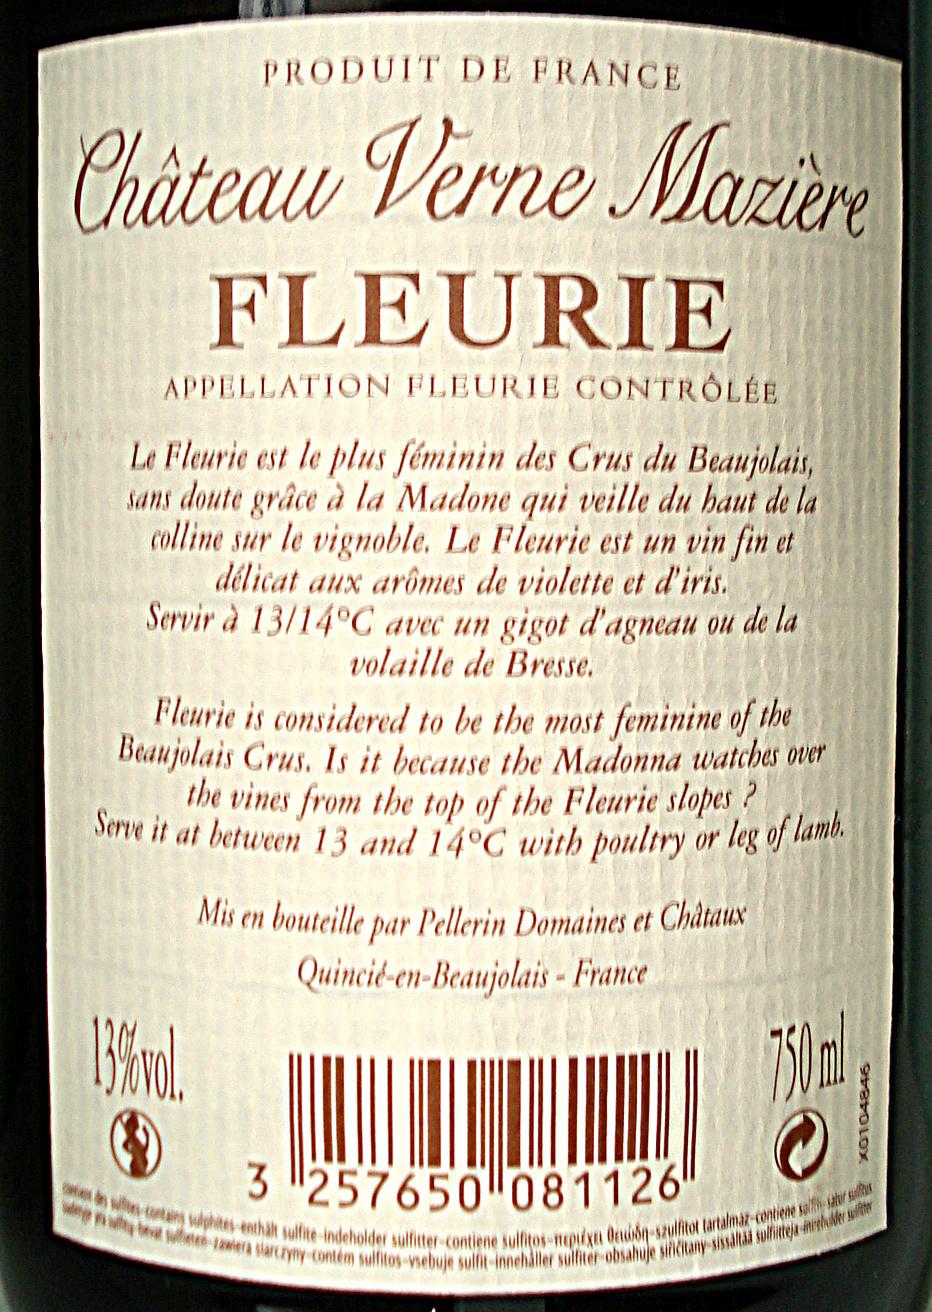 Fleurie Chateau Verne Mazière 2011 - Ingrédients